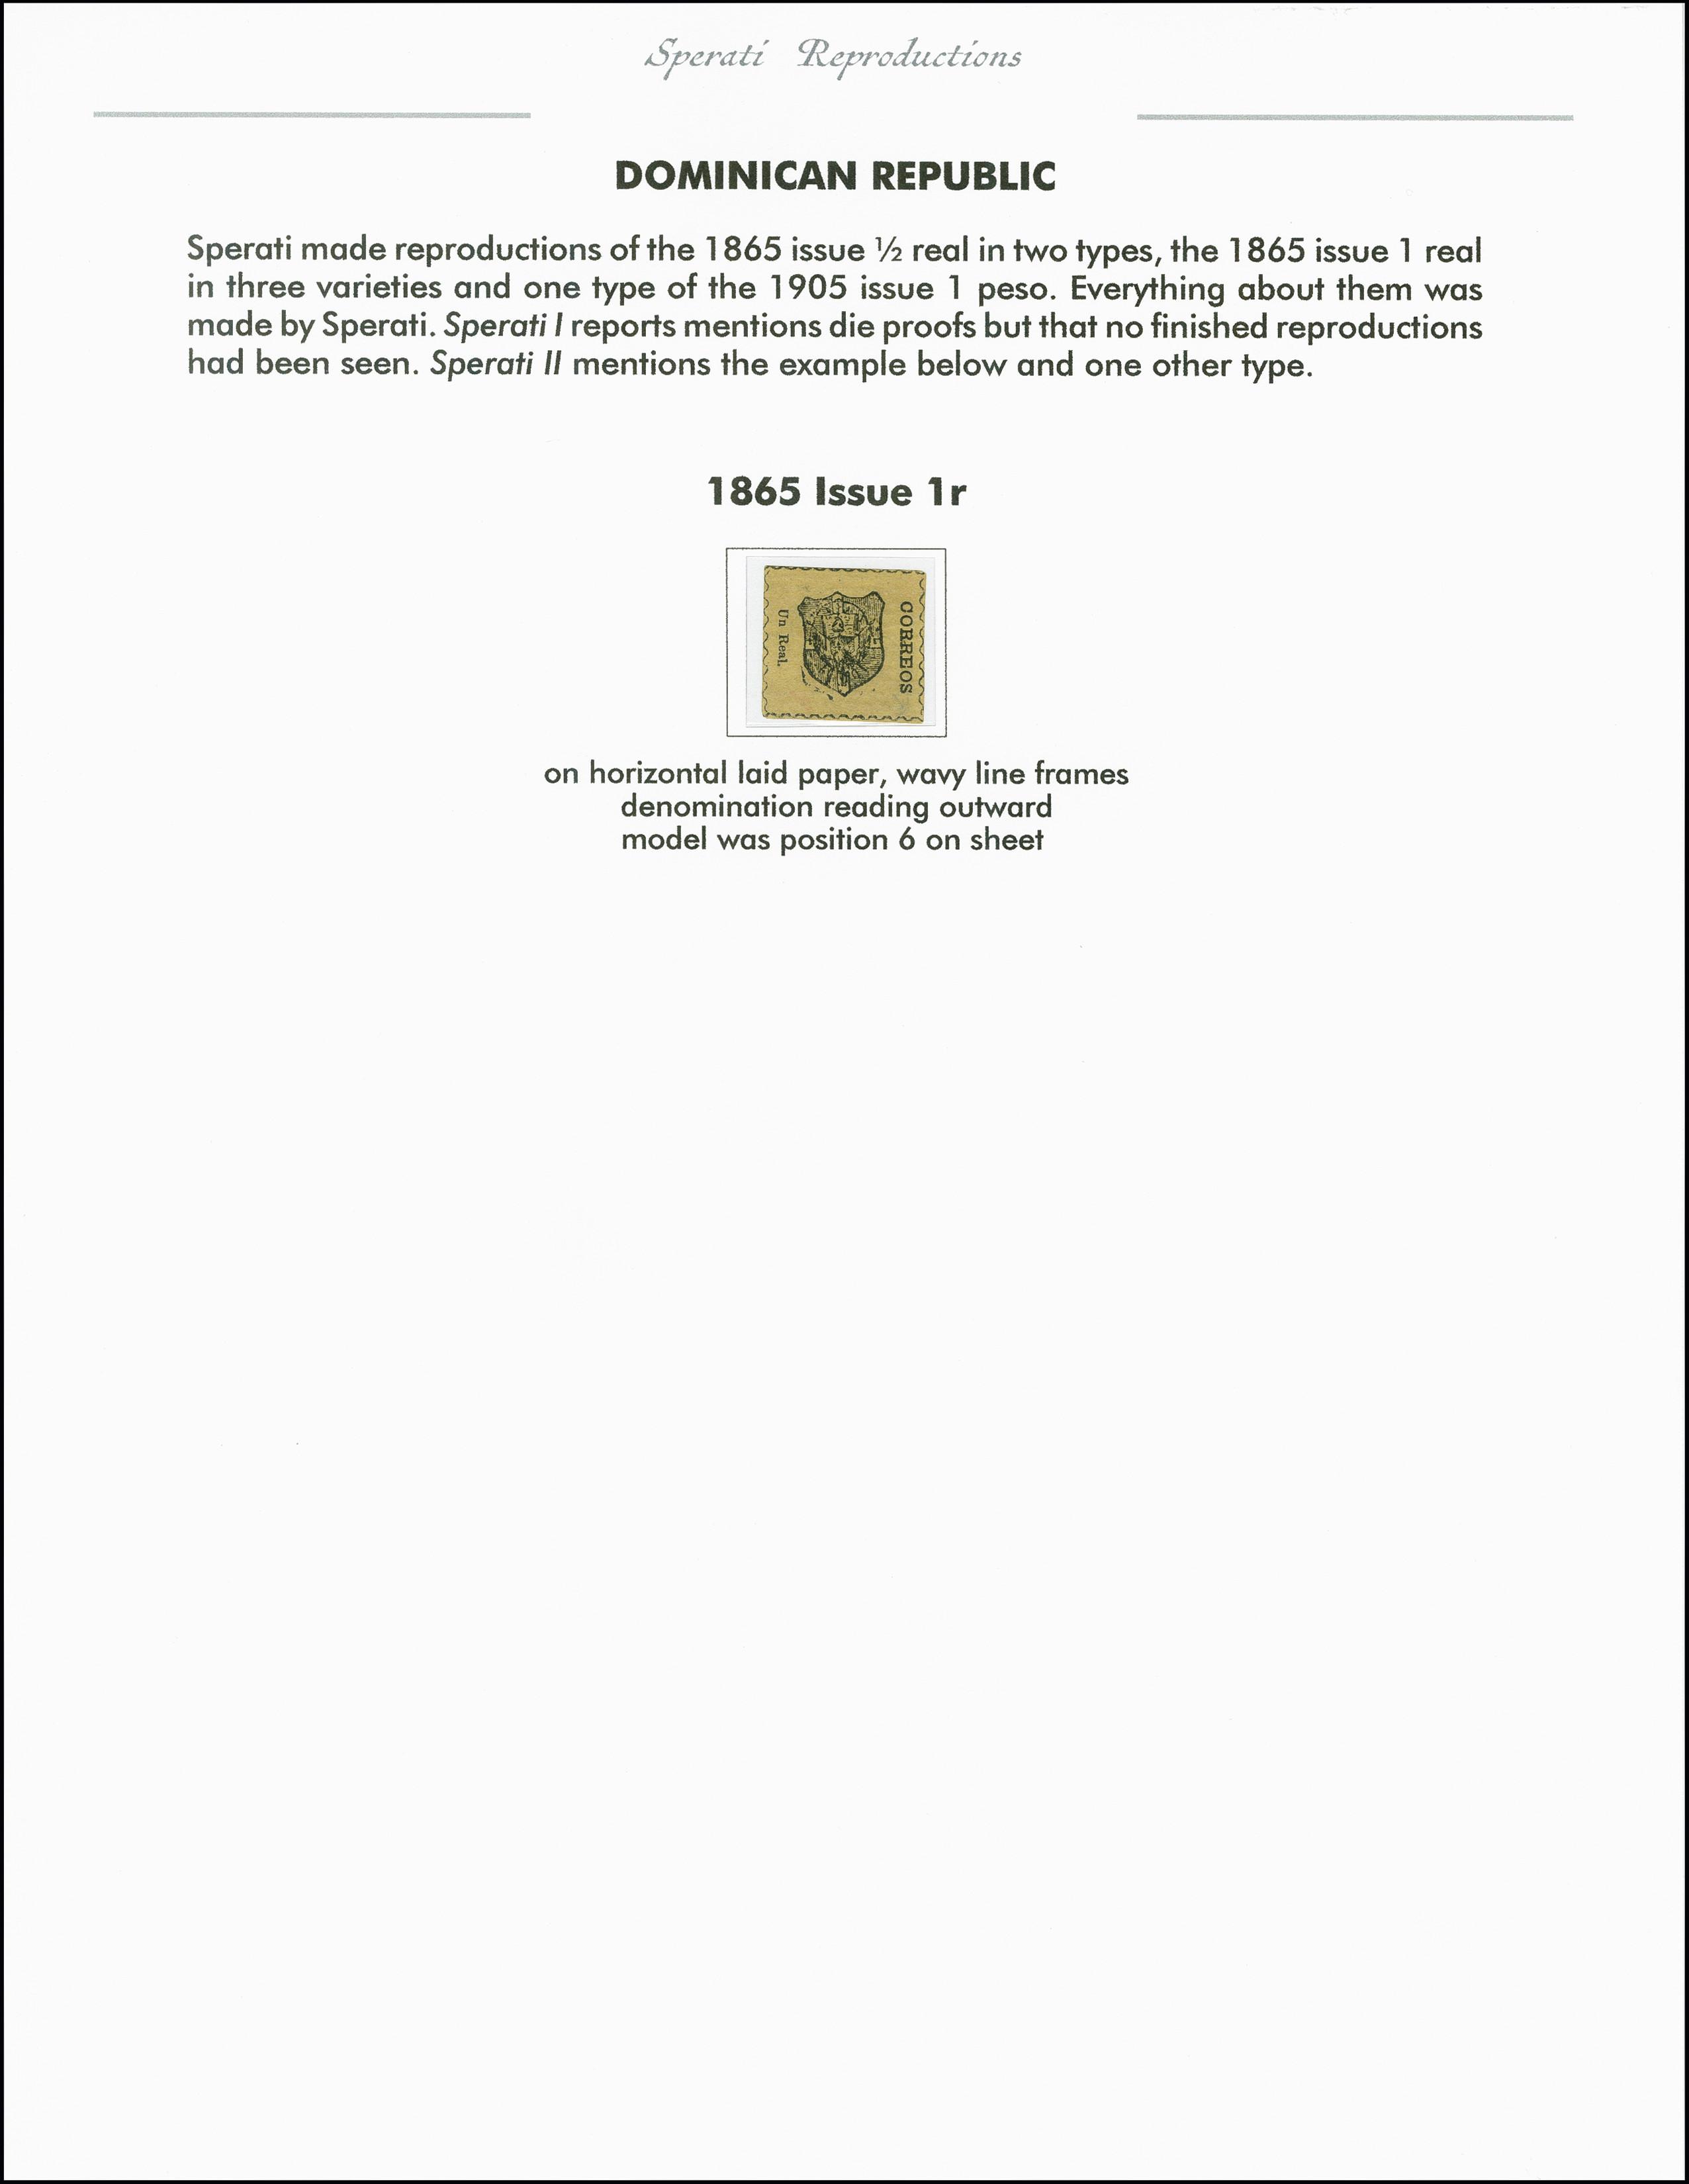 Lot 2225 - übersee dominican republic -  Heinrich Koehler Auktionen 375rd Heinrich Köhler auction - Day 1